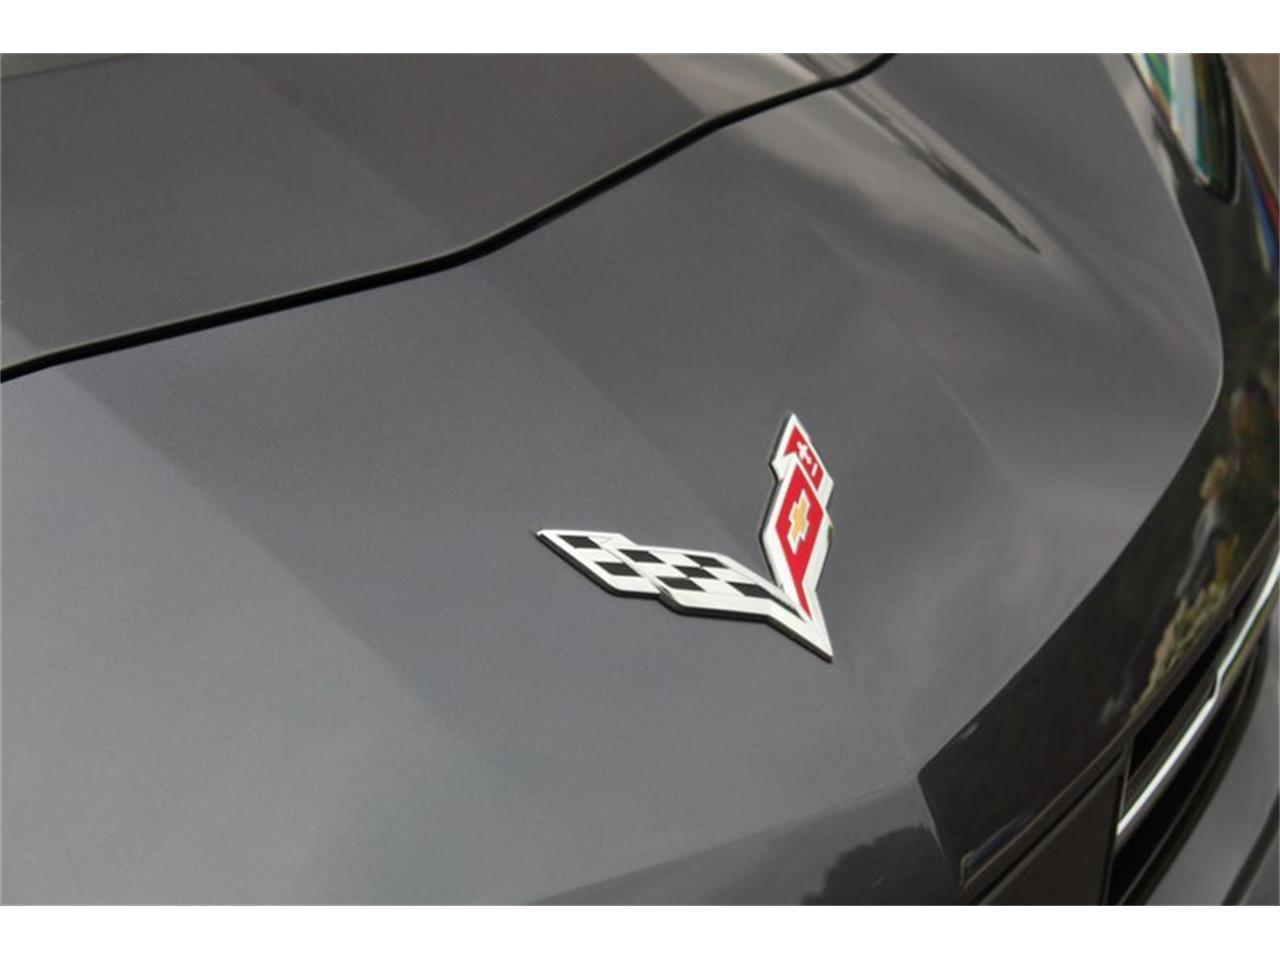 2014 Chevrolet Corvette (CC-1367758) for sale in Clifton Park, New York